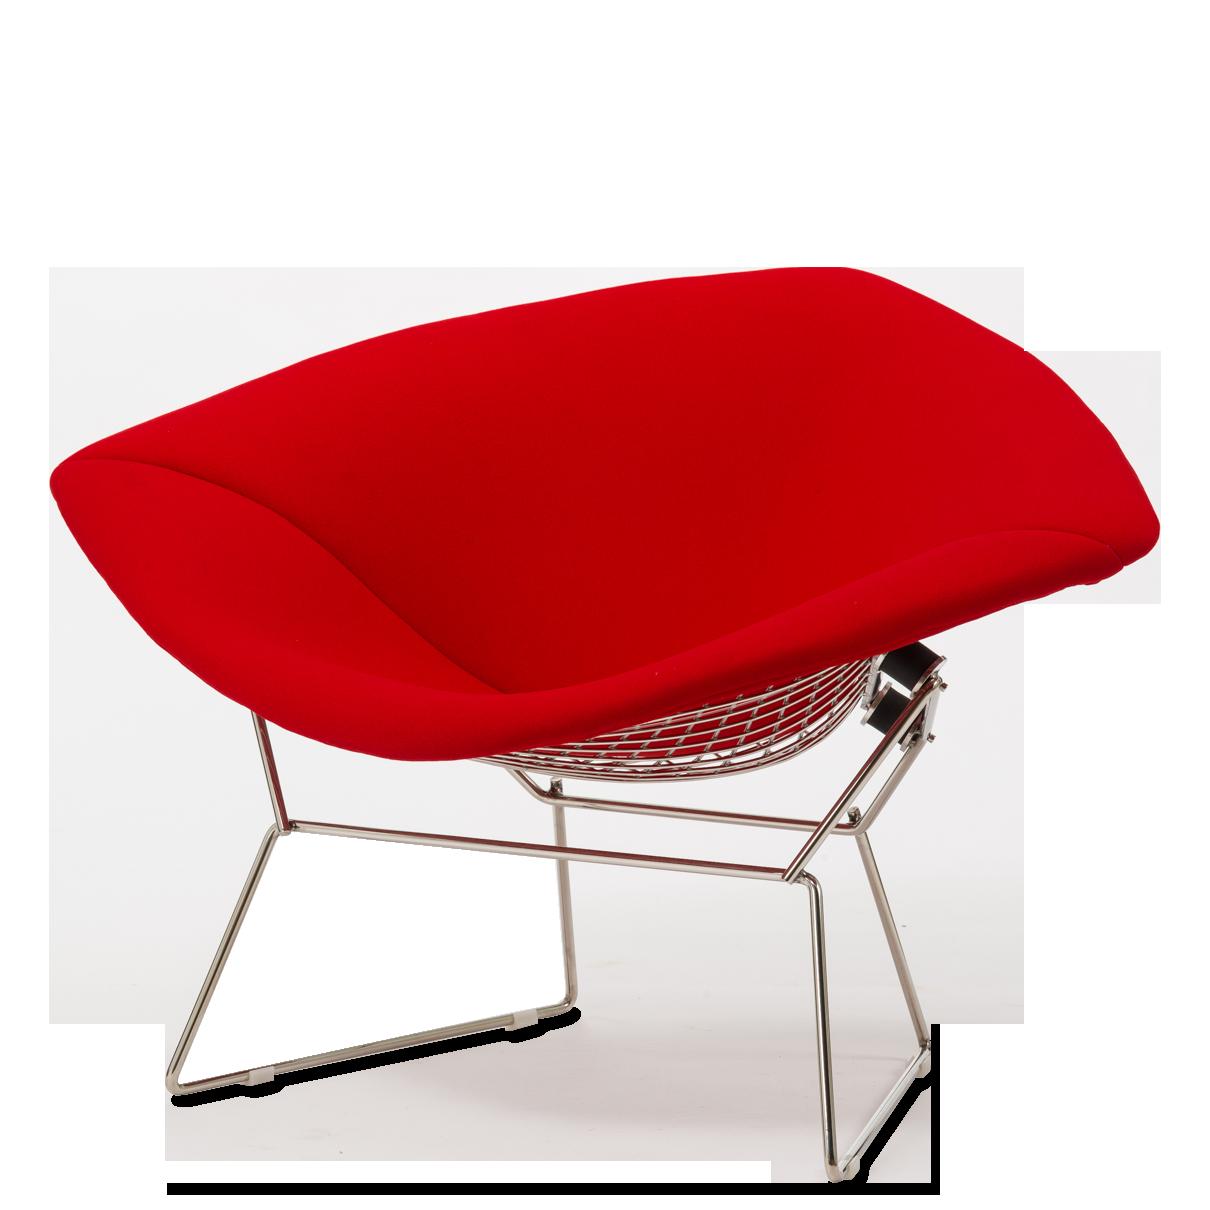 Кресло Diamond с обивкойИнтерьерные<br>Дизайнерское кресло Diamond (Даймонд) с красной тканевой обивкой на стальных ножках от Cosmo (Космо).<br><br><br> Кресло Diamond с обивкой прославило своего создателя, дизайнера Гарри Бертойю. Эта интересная и легкая на вид «сетчатая» мебель  обладает необычайно комфортным и функциональным дизайном.<br><br><br> Необычное сиденье прекрасно способствует отдыху и создает ощущение комфорта и релаксации. Сиденье закреплено на оригинальной металлической конструкции из стальной сетки, служащей опорой для сид...<br><br>stock: 0<br>Высота: 71,5<br>Высота сиденья: 40<br>Ширина: 114,5<br>Глубина: 81<br>Цвет ножек: Хром<br>Материал обивки: Шерсть, Нейлон<br>Коллекция ткани: T Fabric<br>Тип материала обивки: Ткань<br>Тип материала ножек: Сталь нержавеющая<br>Цвет обивки: Красный